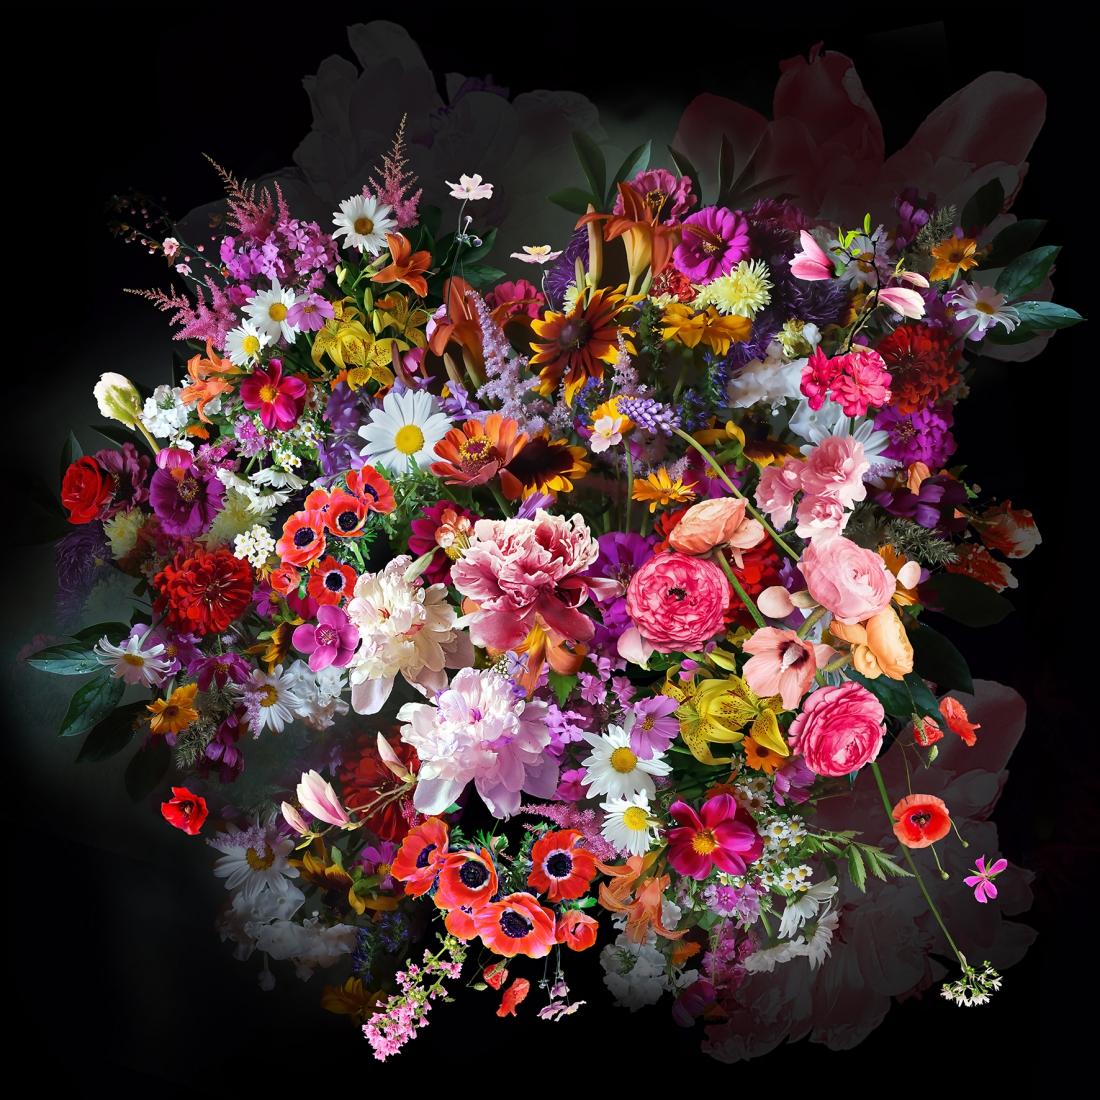 Fotokunst glas kleurrijke bloemen 80x80